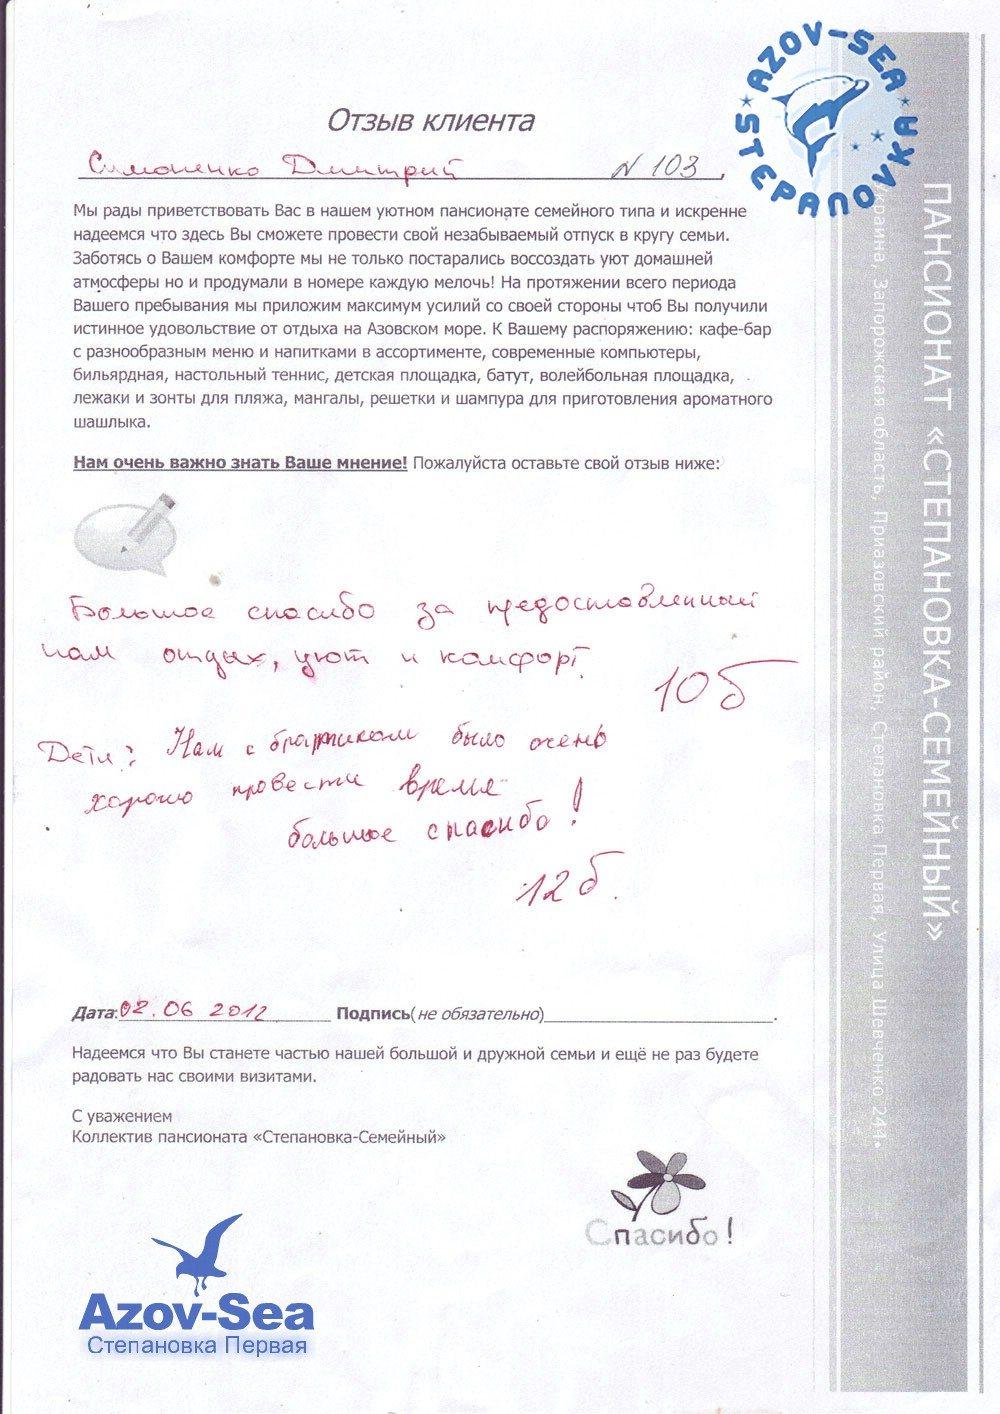 Пансионат Семейный, Отдых на Азовском море. Степановка Первая.